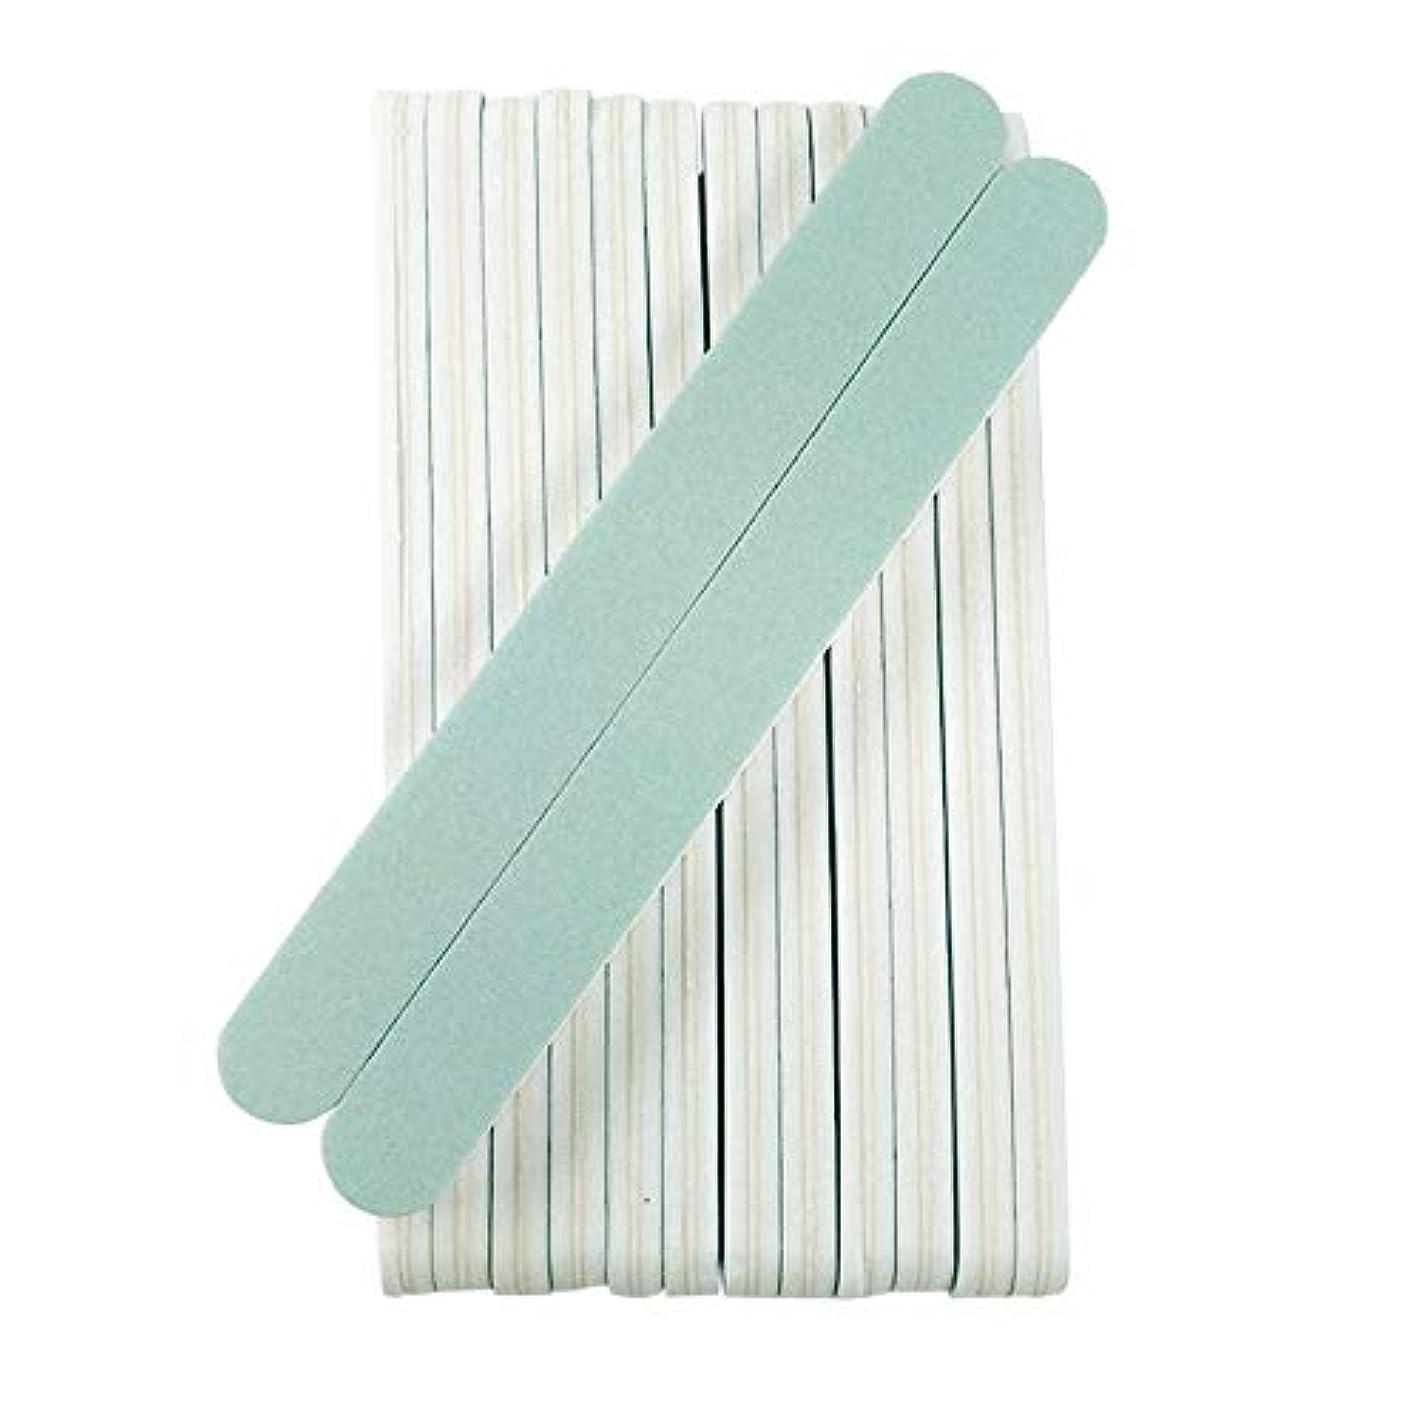 通知理想的列挙するジェルネイルファイルセット プロネイルバッファー 爪やすり 爪磨きスポンジ ネイルシャイナーバッファー600/3000 グリット14本セット